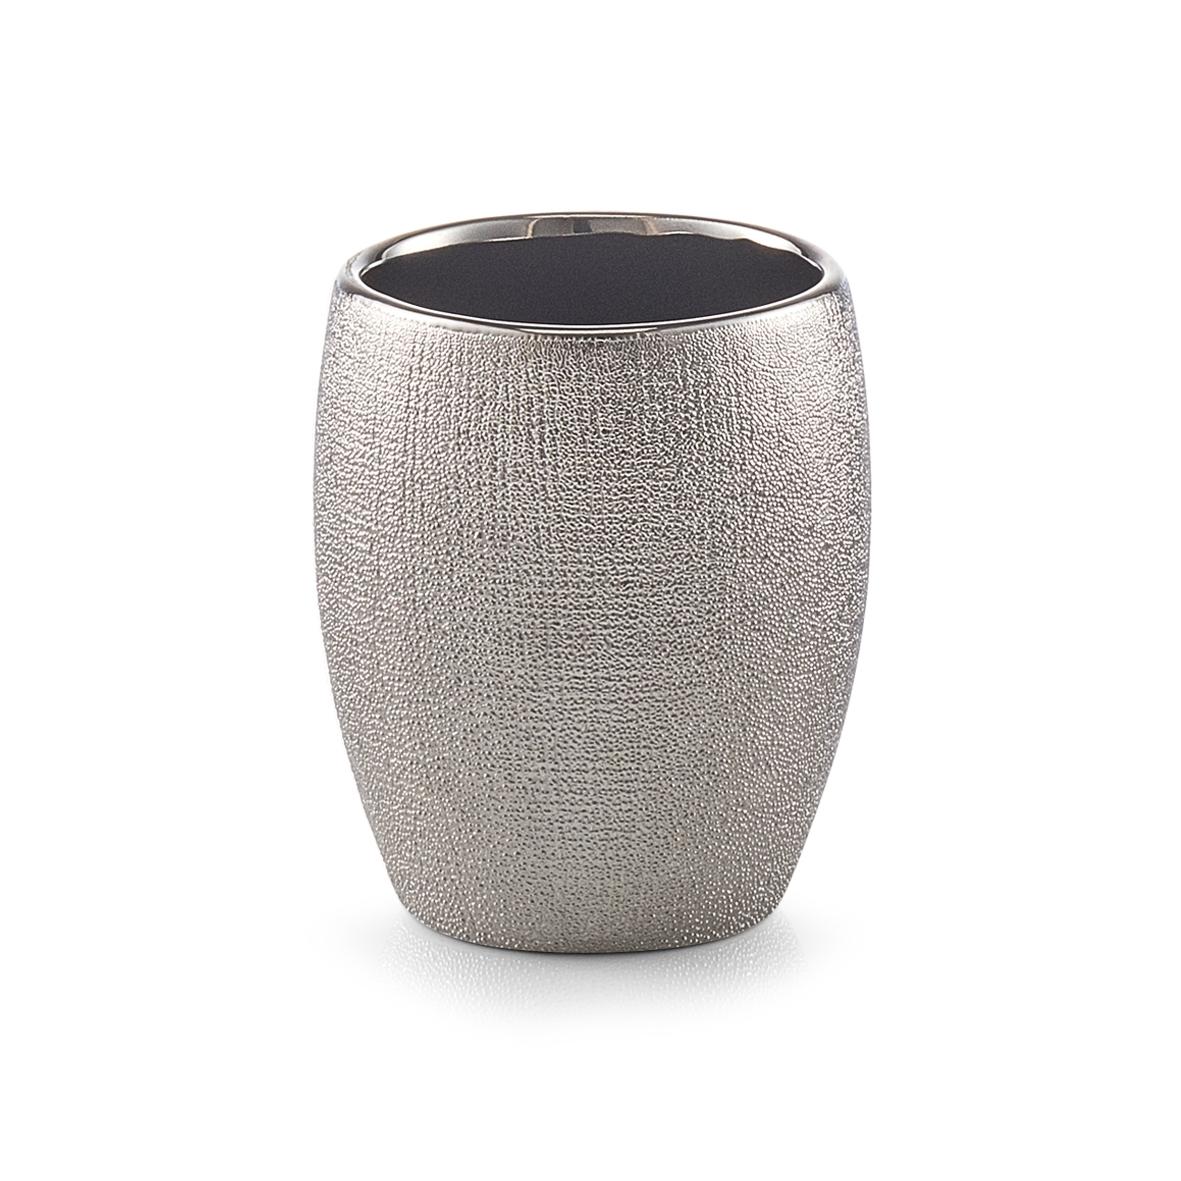 Pahar pentru periuta din ceramica, Glitter Silver, Ø 8,1xH9,8 cm imagine